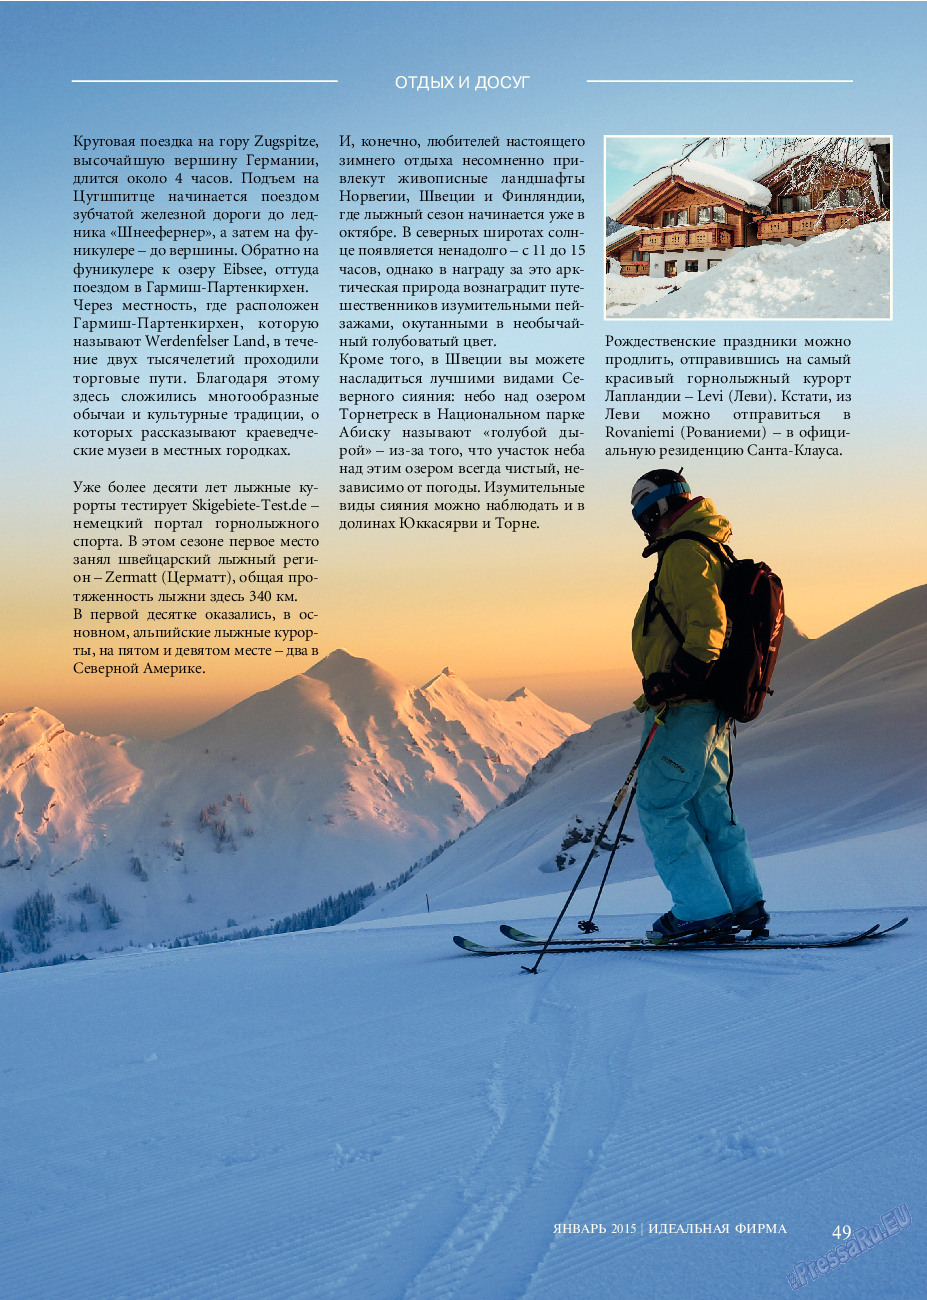 Идеальная фирма (журнал). 2015 год, номер 1, стр. 49